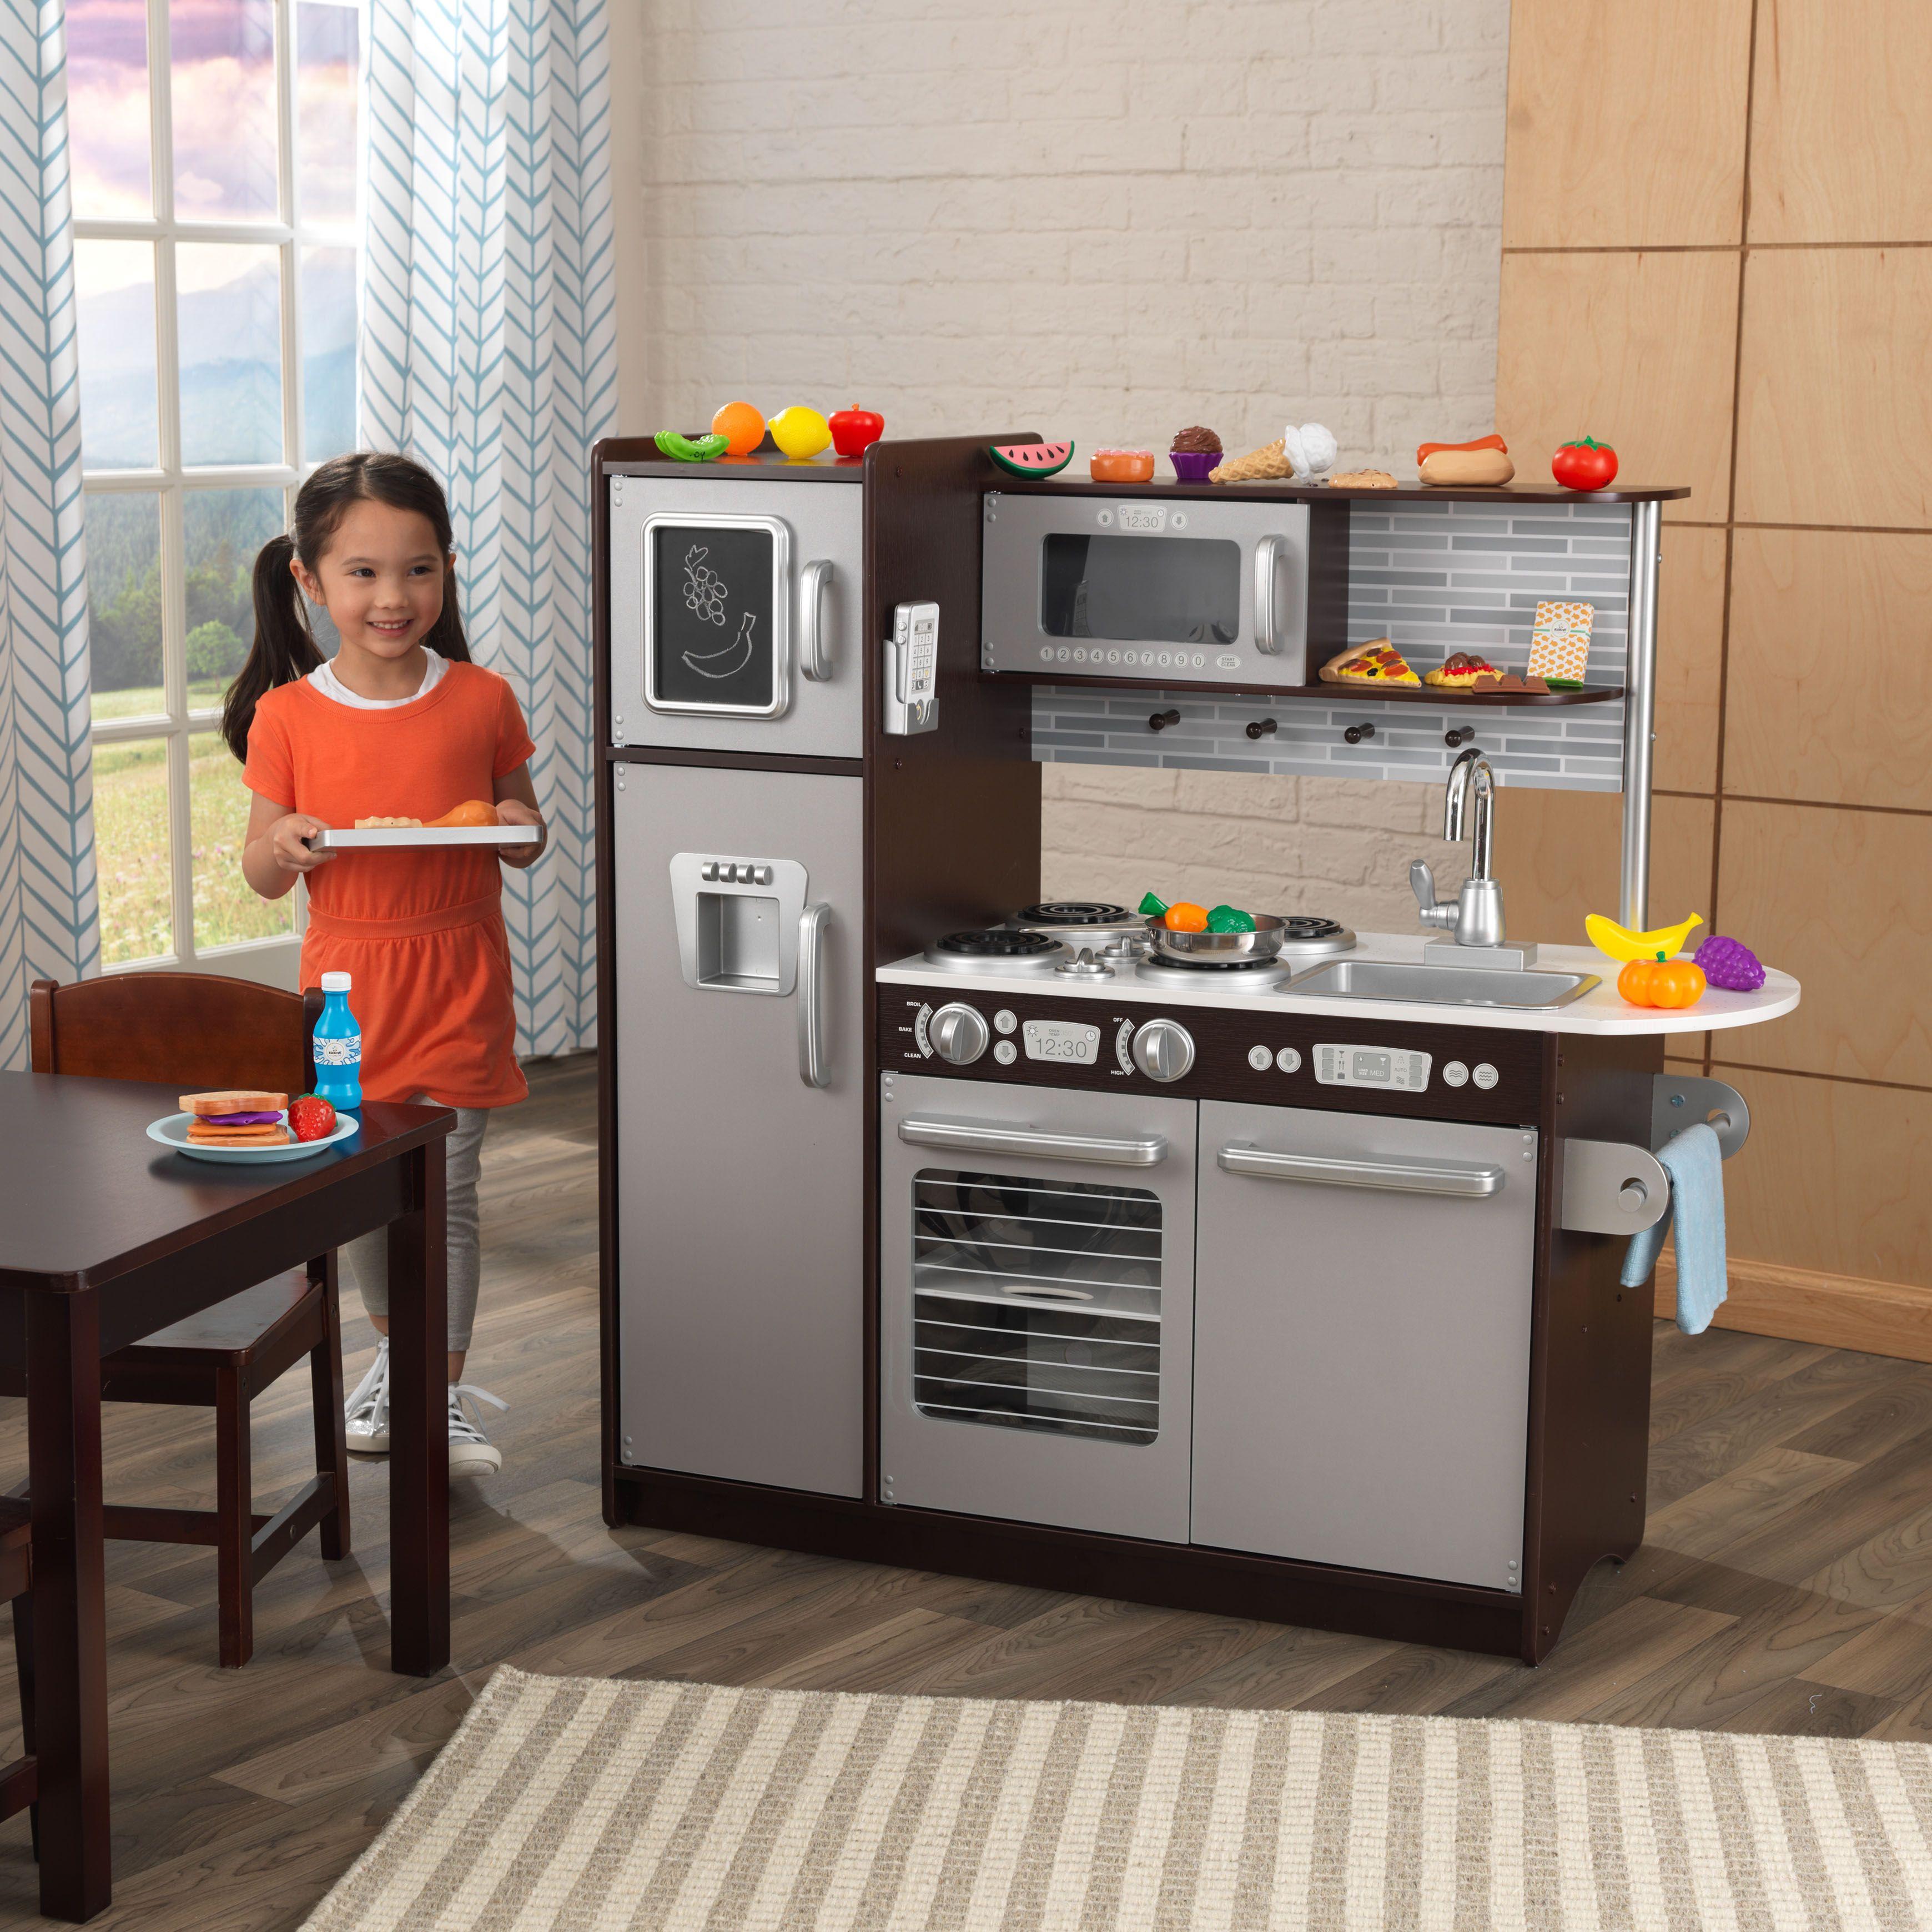 99.98 (reg 150) KidKraft Uptown Espresso Kitchen with 30